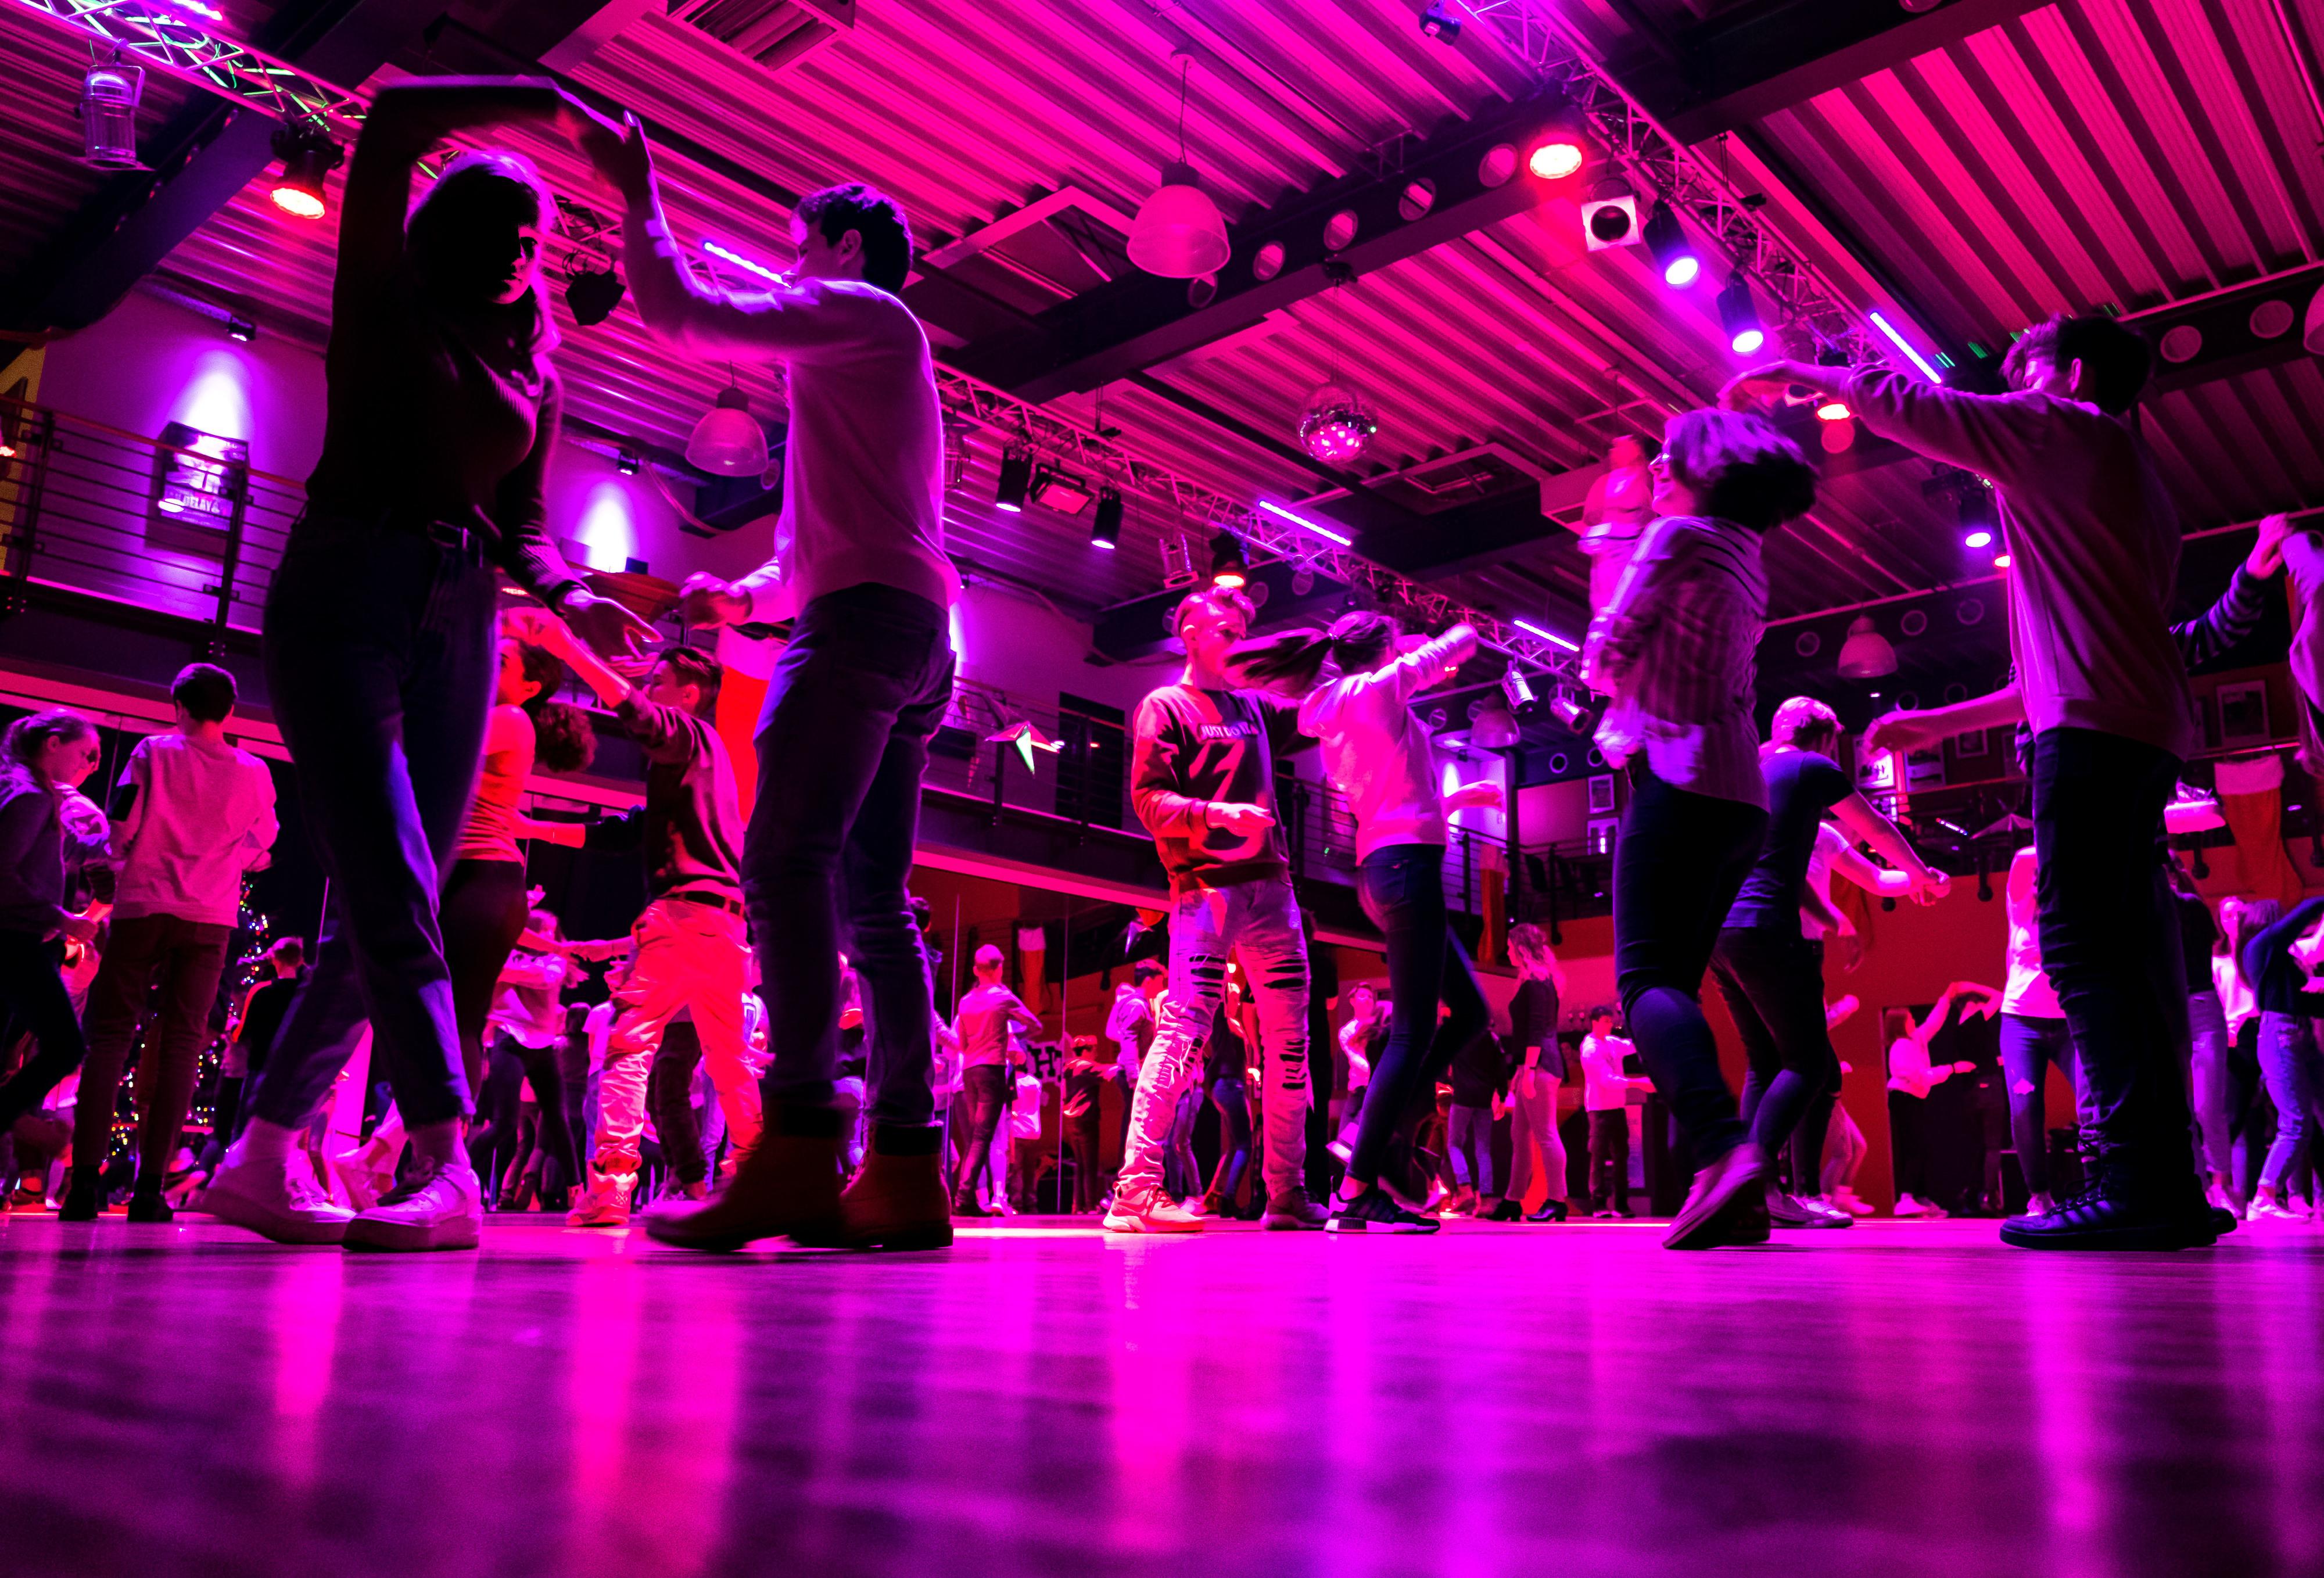 """""""Damenwahl"""" verboten: Weil Partnerwechsel auf dem Parkett nicht gestattet sind, fallen zurzeit alle Anfängerkurse der Tanzschulen für die Jugendlichen aus. Der Verlust ist nicht wettzumachen. Foto: Peter Steffen/dpa"""